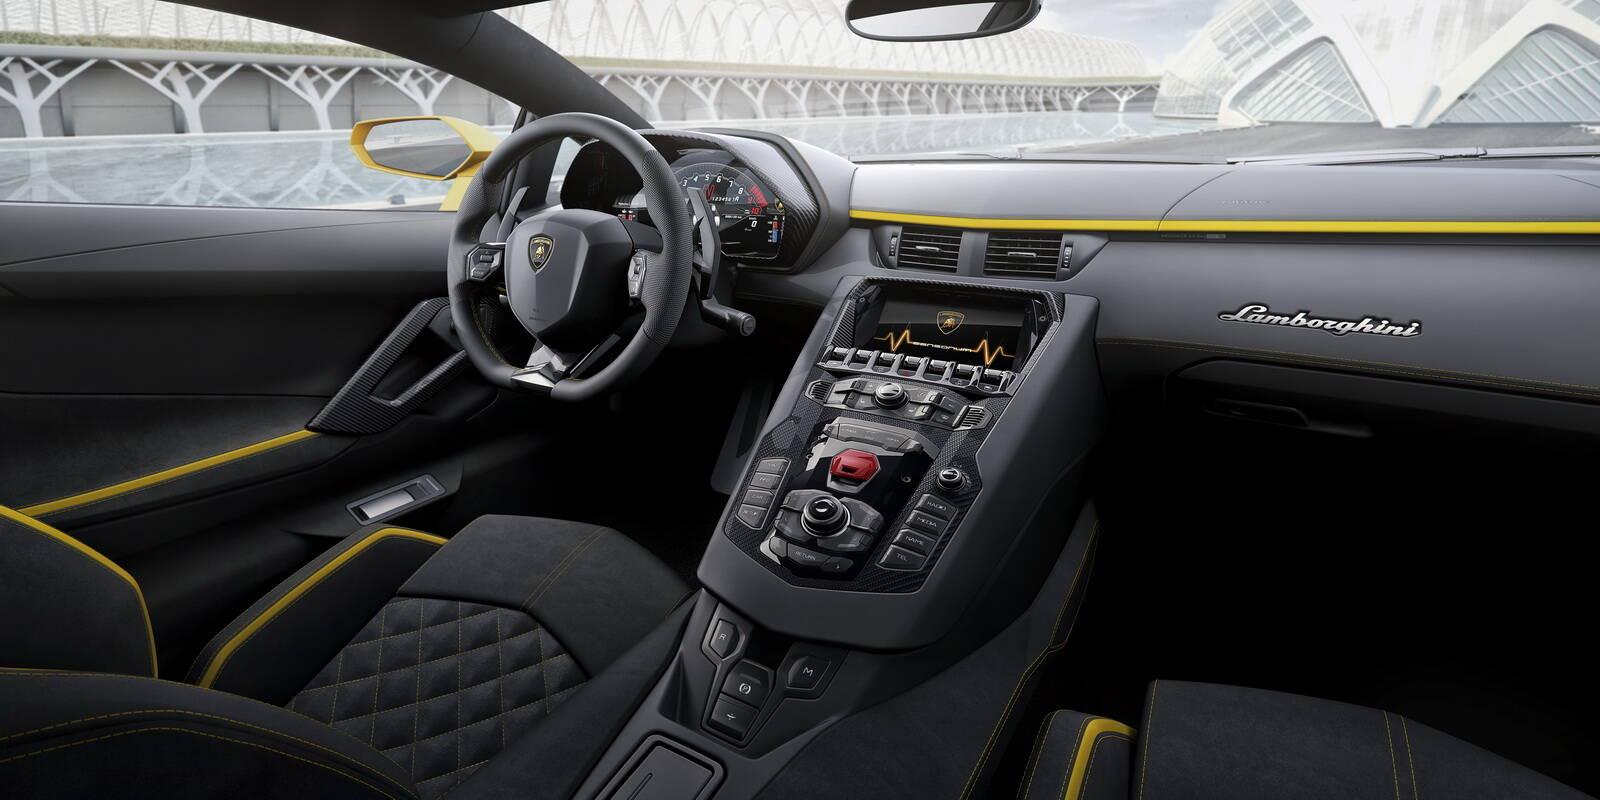 Lamborghini Aventador S. Foto: Divulgação